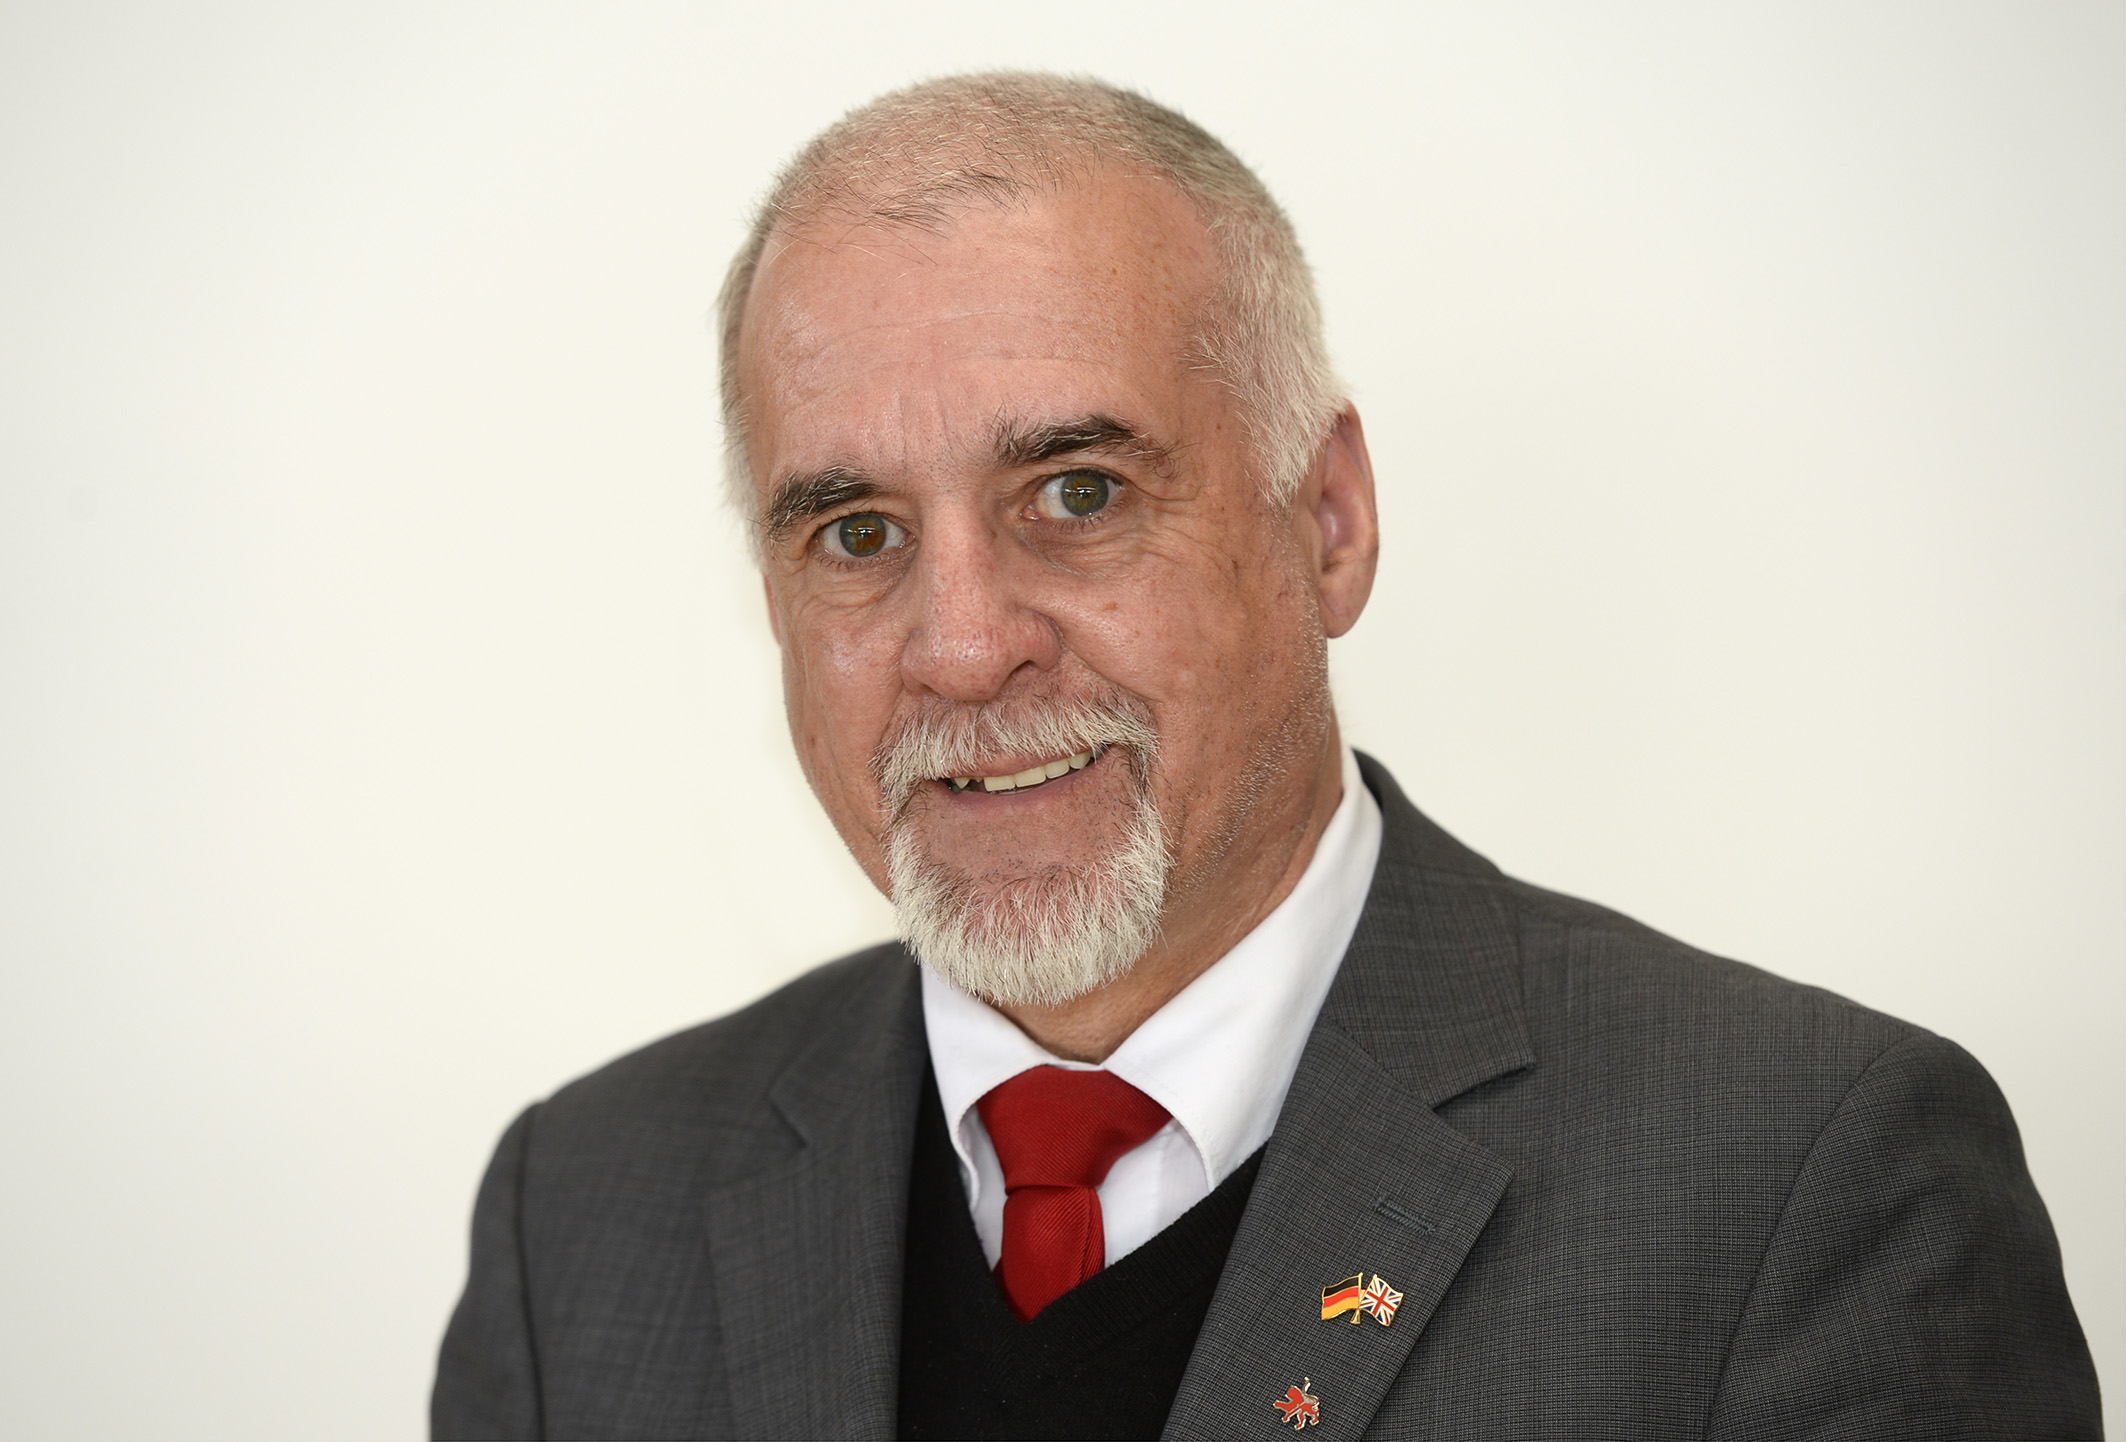 Jürgen Kaltwasser